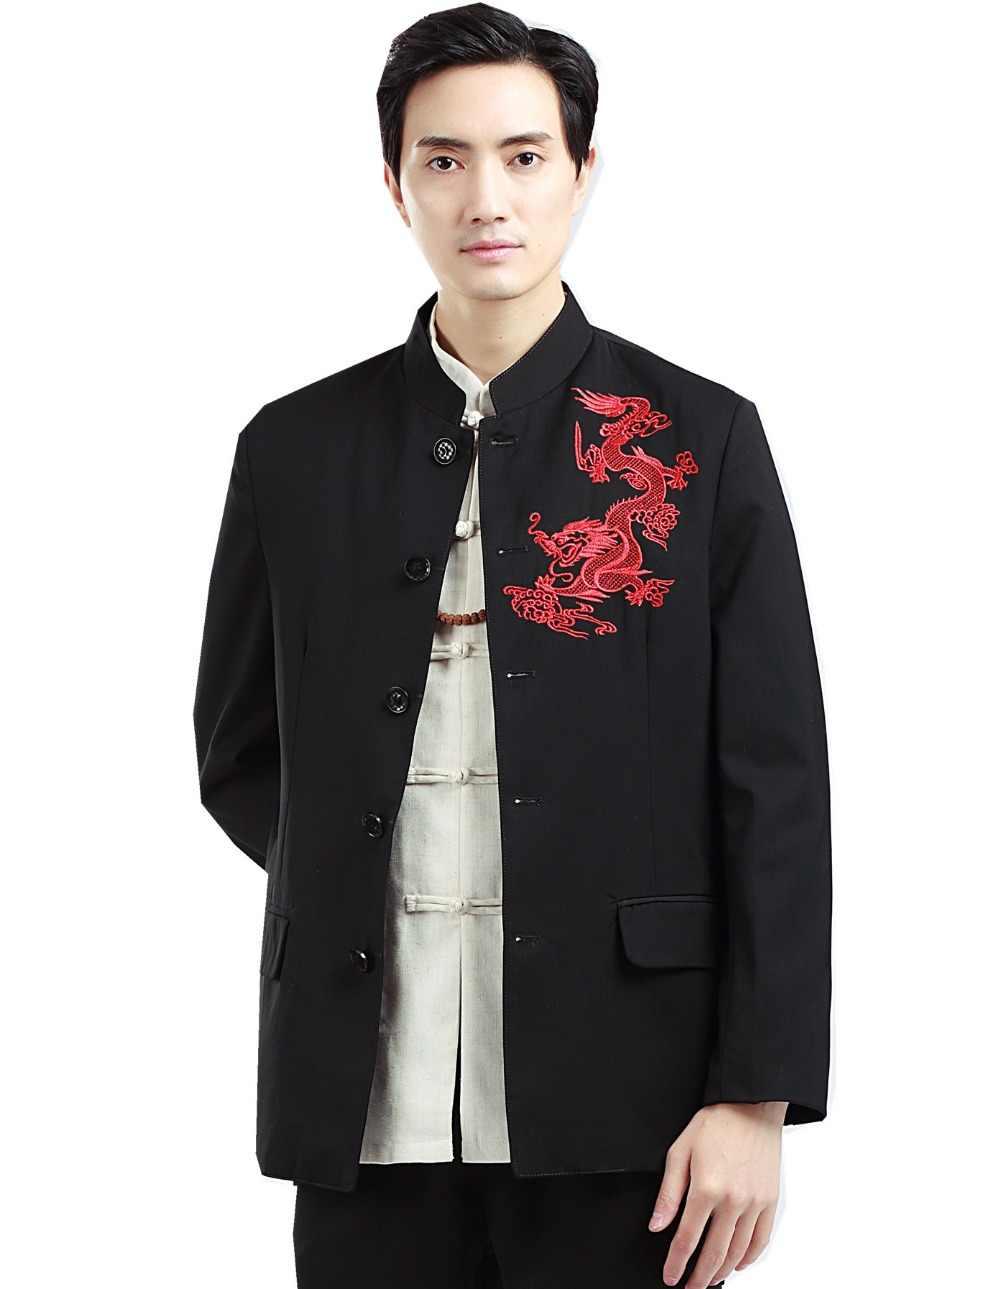 Шанхай история с длинным рукавом Китайская традиционная одежда китайская пуговица Мужской Дракон вышивка Мандарин воротник куртка для мужчин